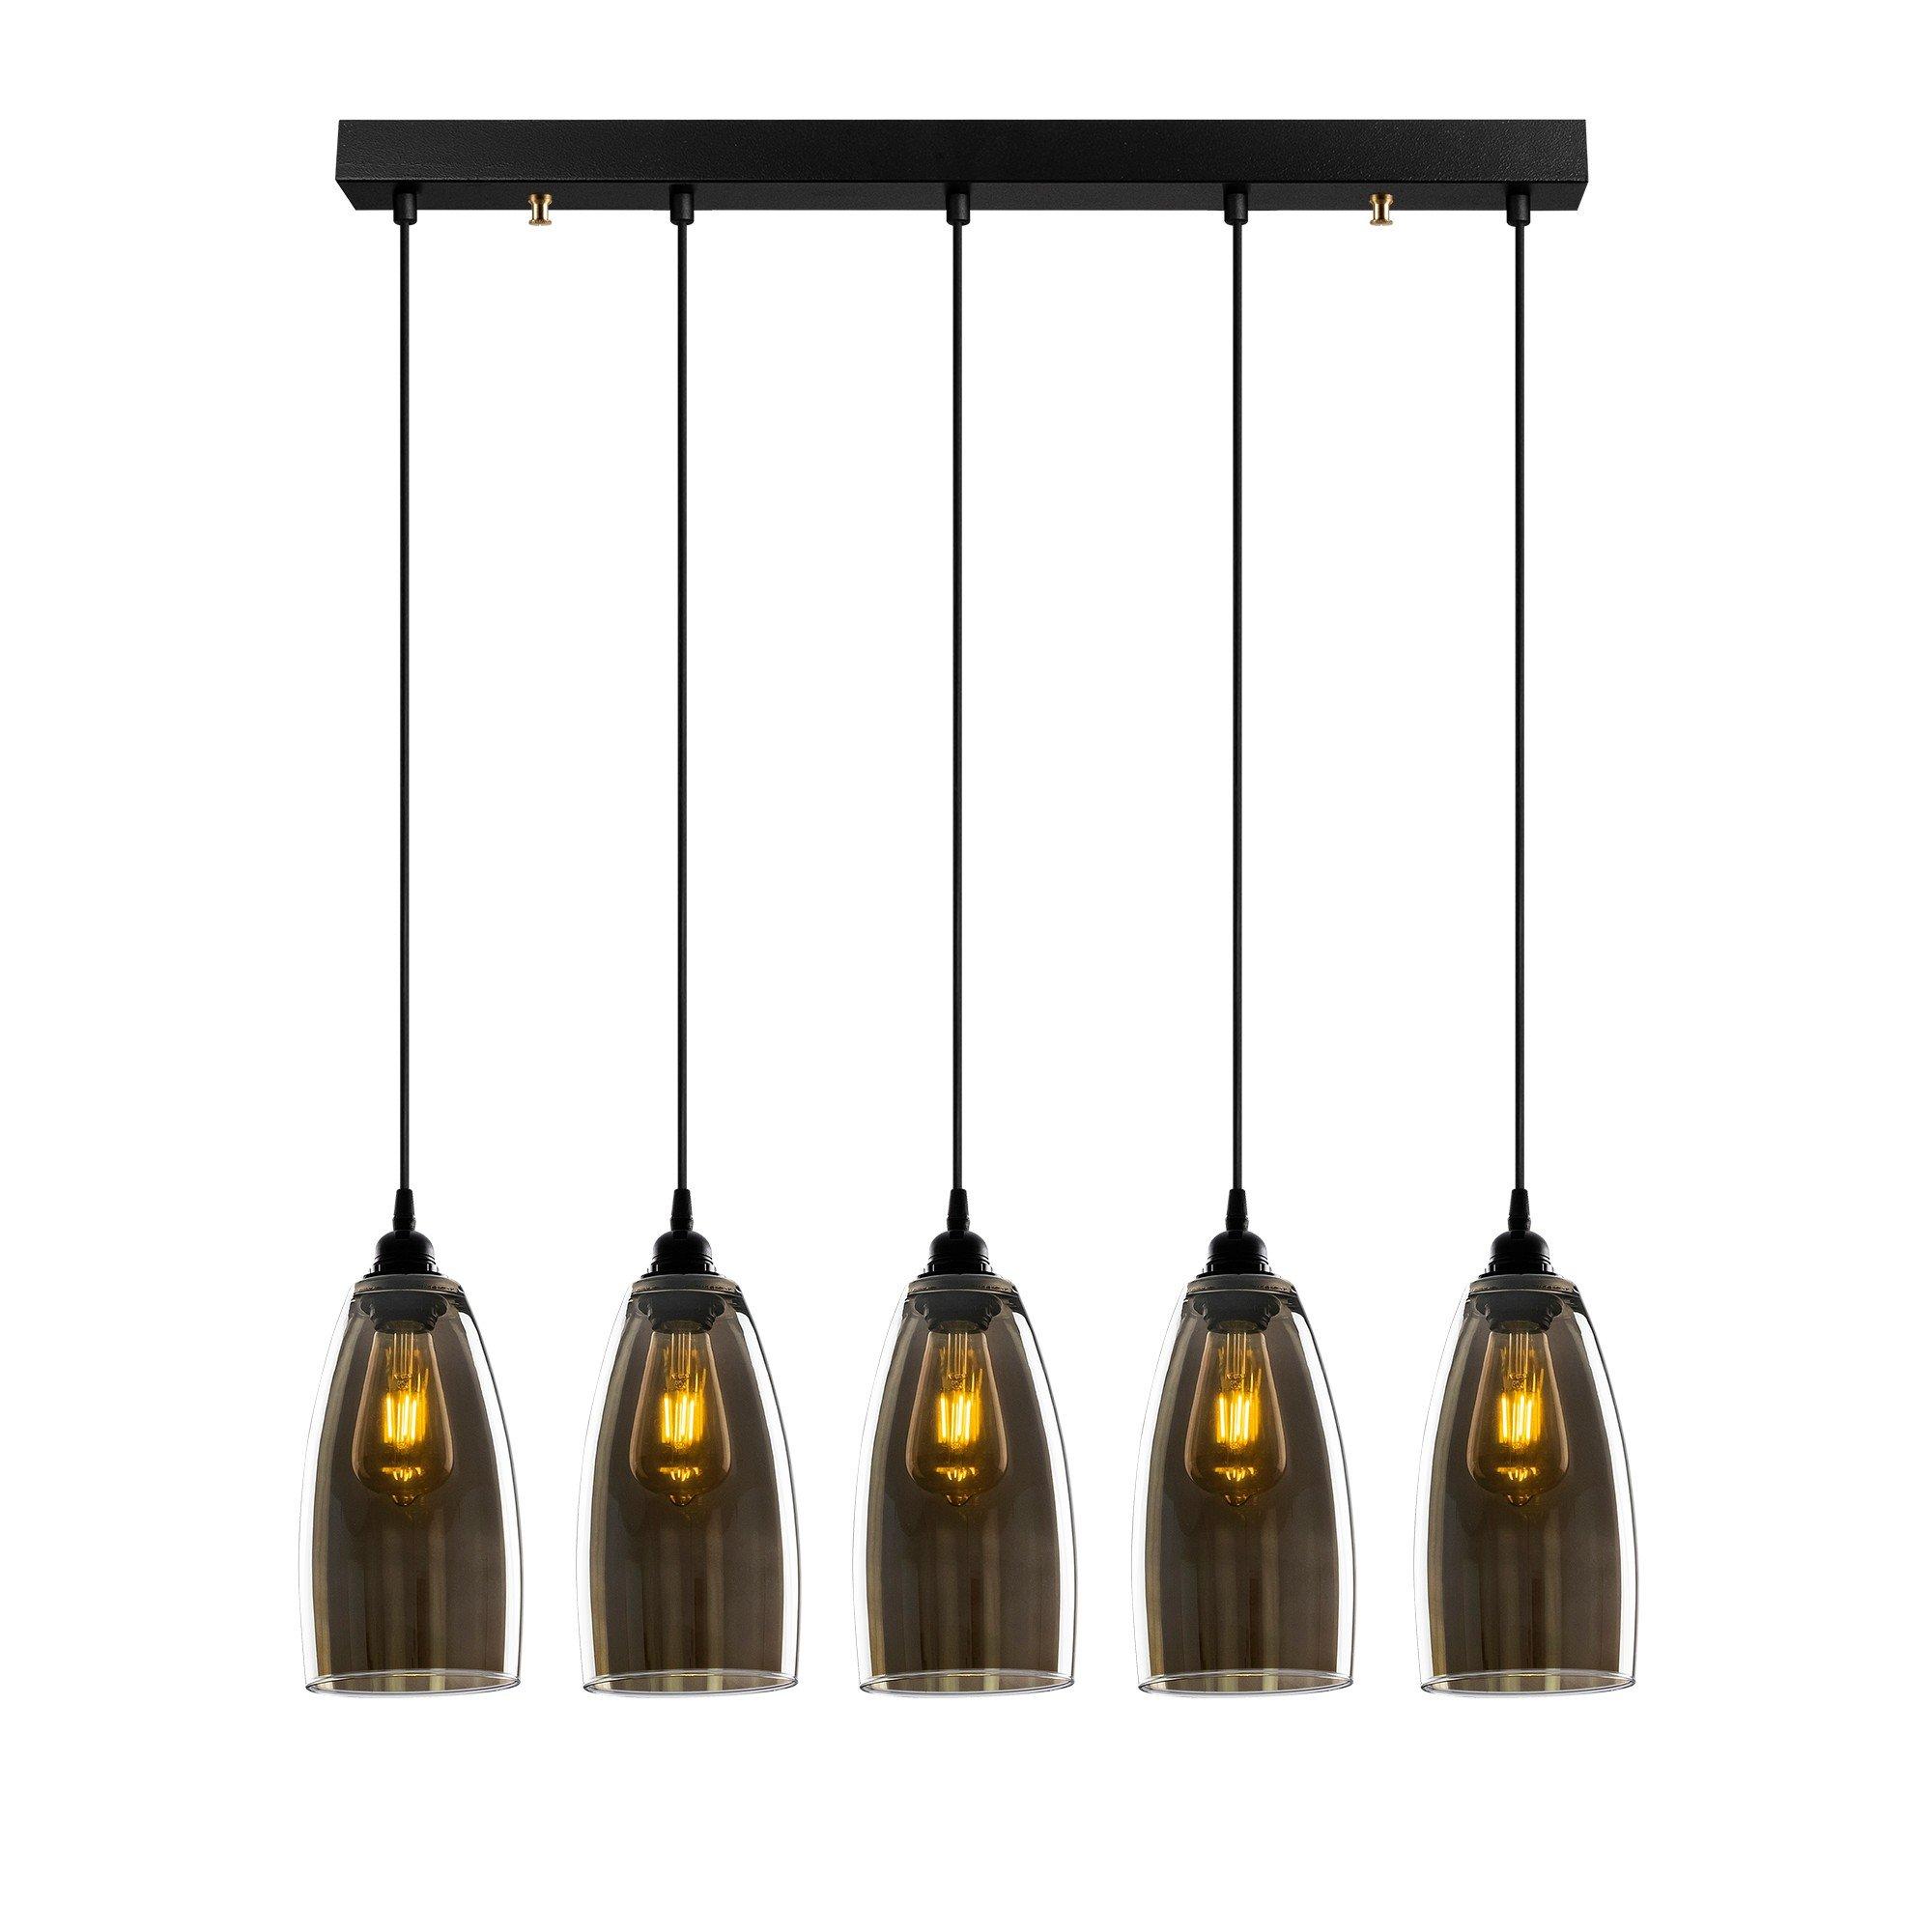 Hanglamp donker glas gerookt glas 5 keer E27 fitting - vooraanzicht lampen aan